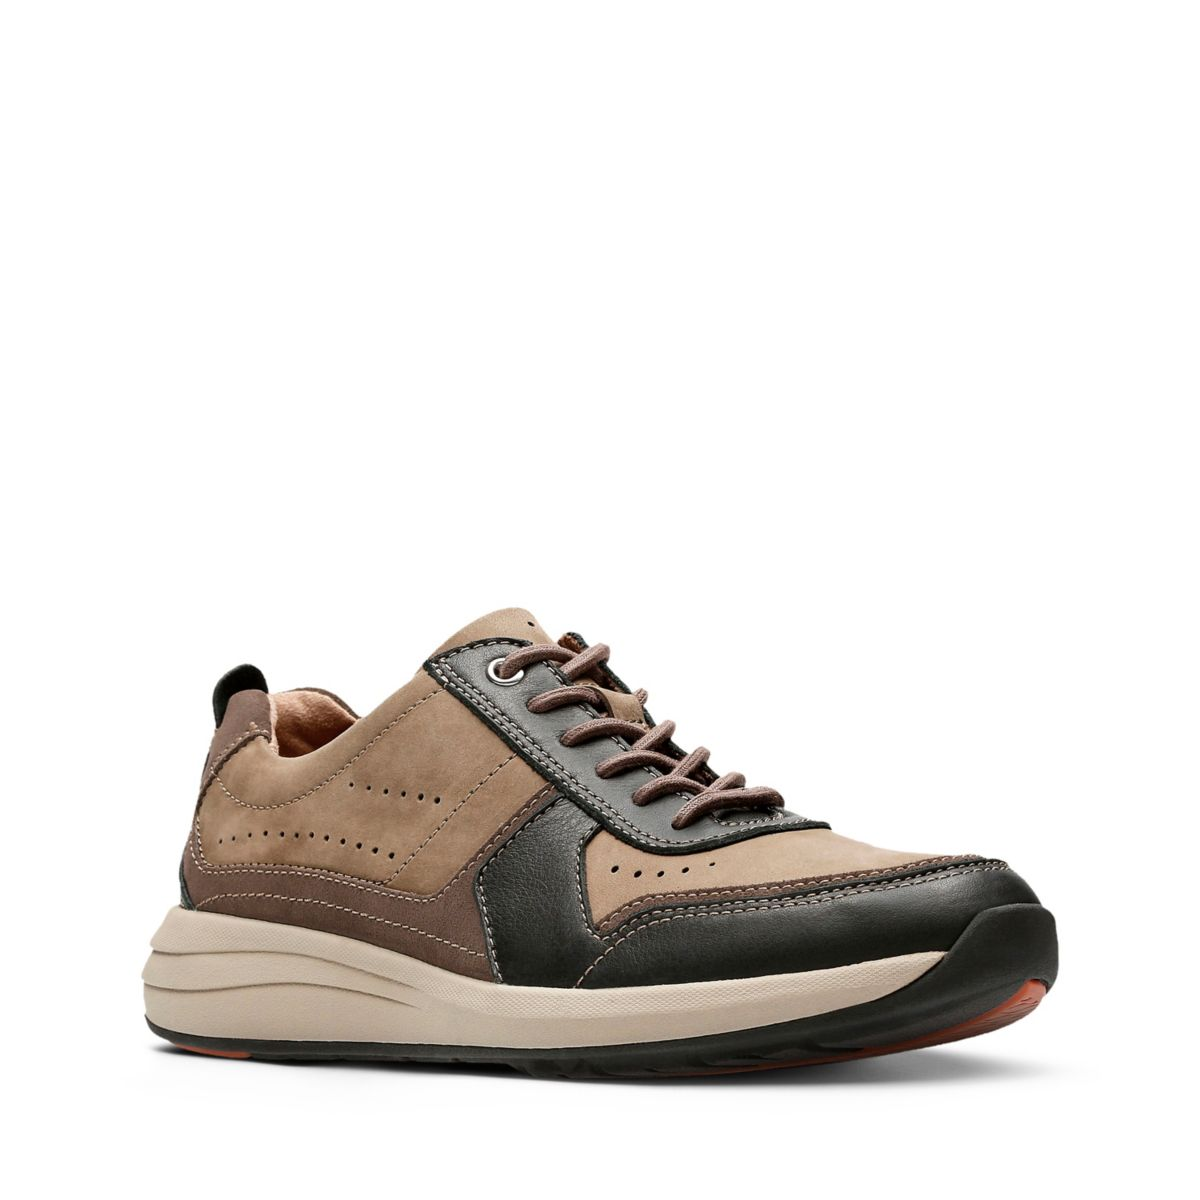 Pour Chaussures Homme Form Coast ClarksLatulippe Un uTFcJK3l1